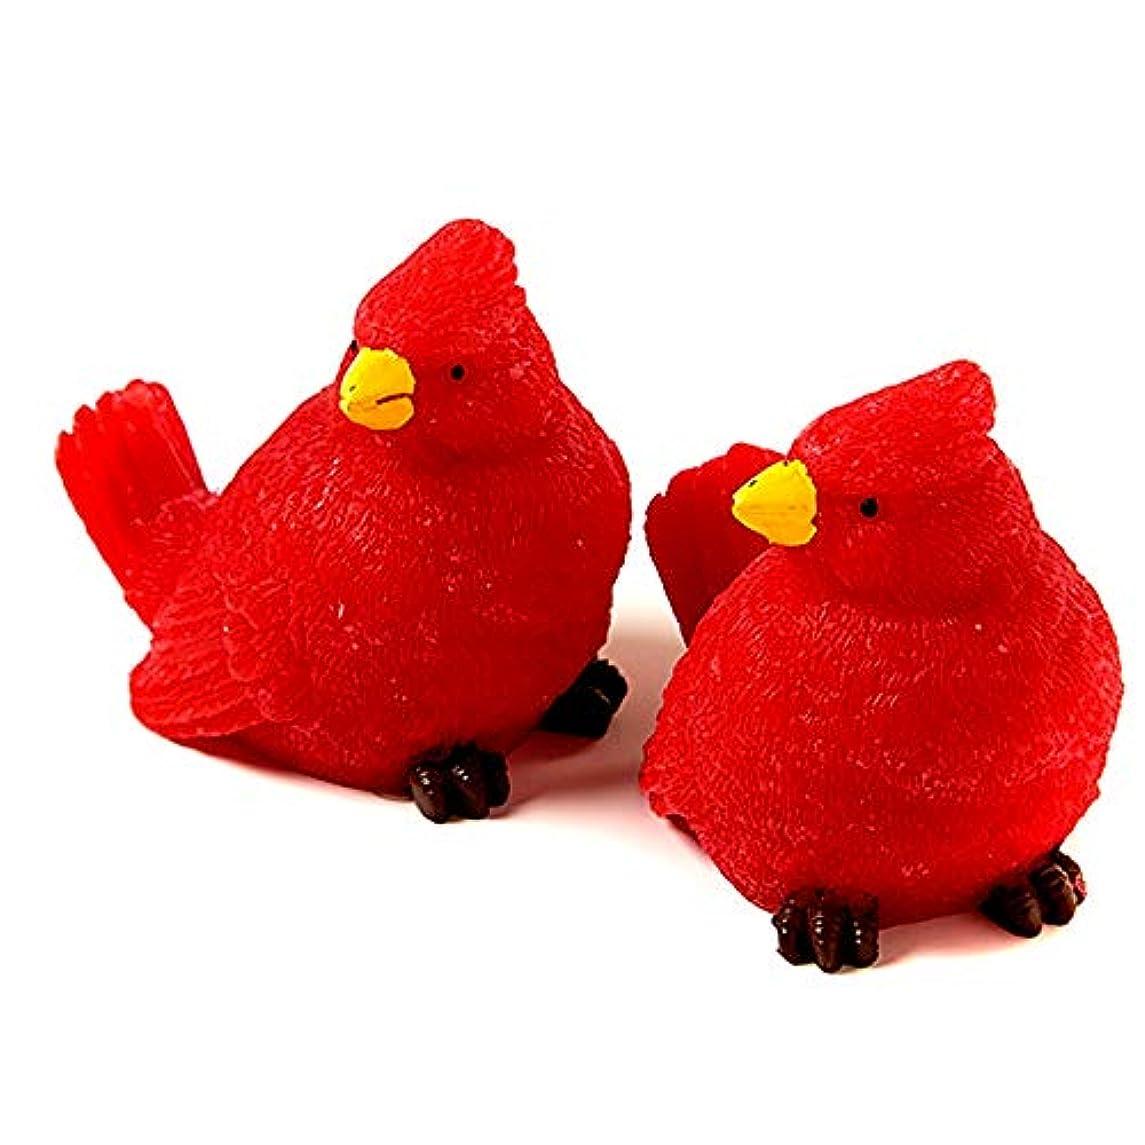 の慈悲で電卓困惑Flameless Candles Mini Cardinals 2pk by Inglow